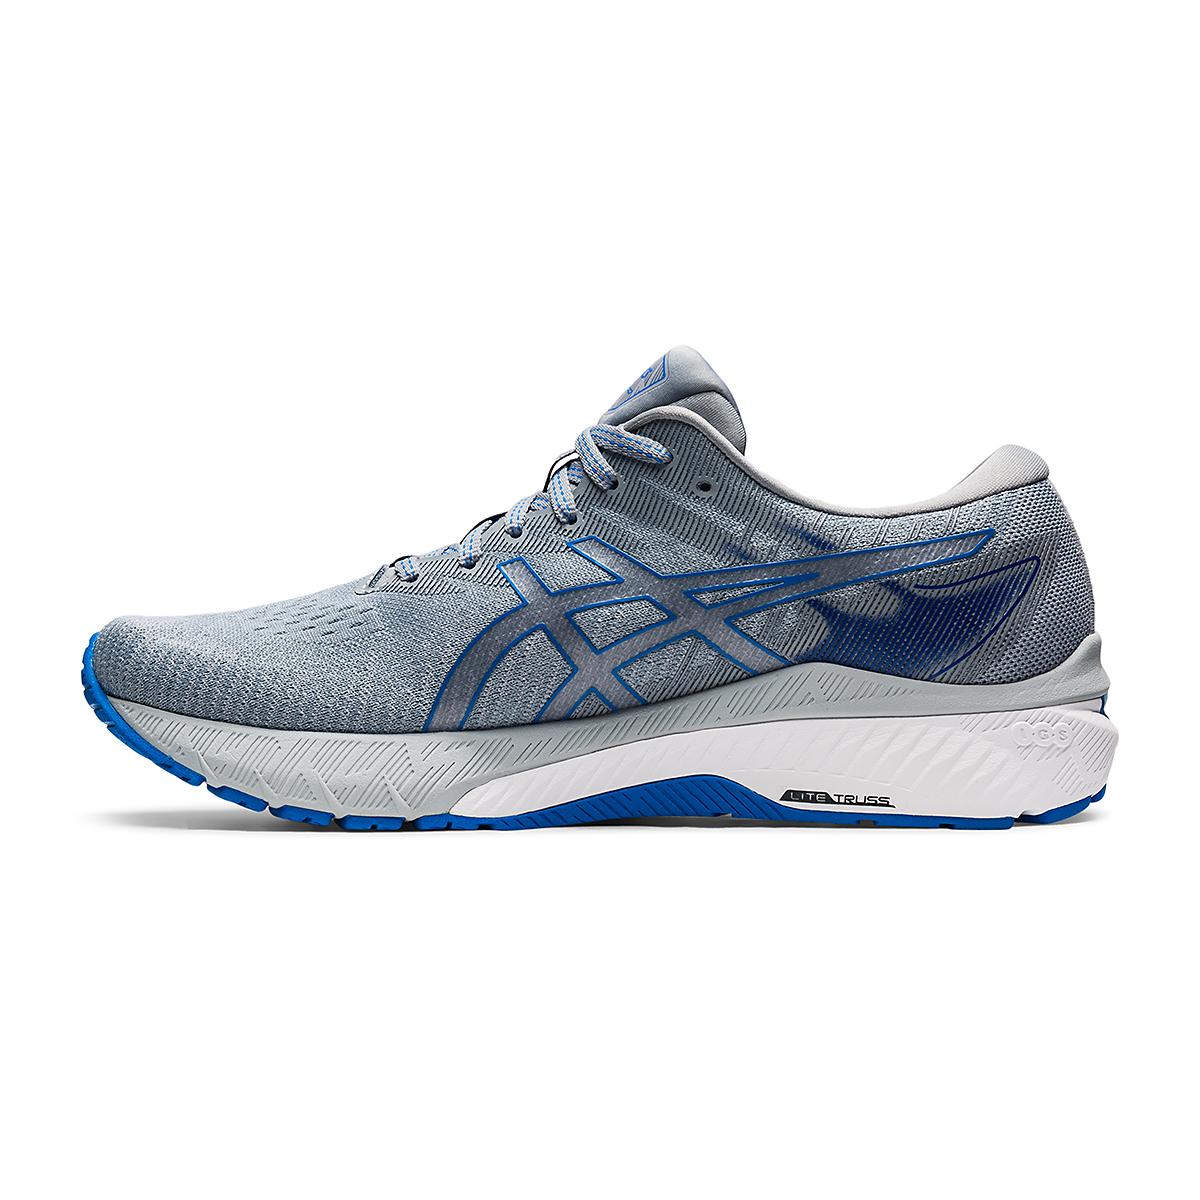 Men's Asics GT-2000 10 Running Shoe - Color: Sheet Rock/Electric Blue - Size: 7 - Width: Wide, Sheet Rock/Electric Blue, large, image 2